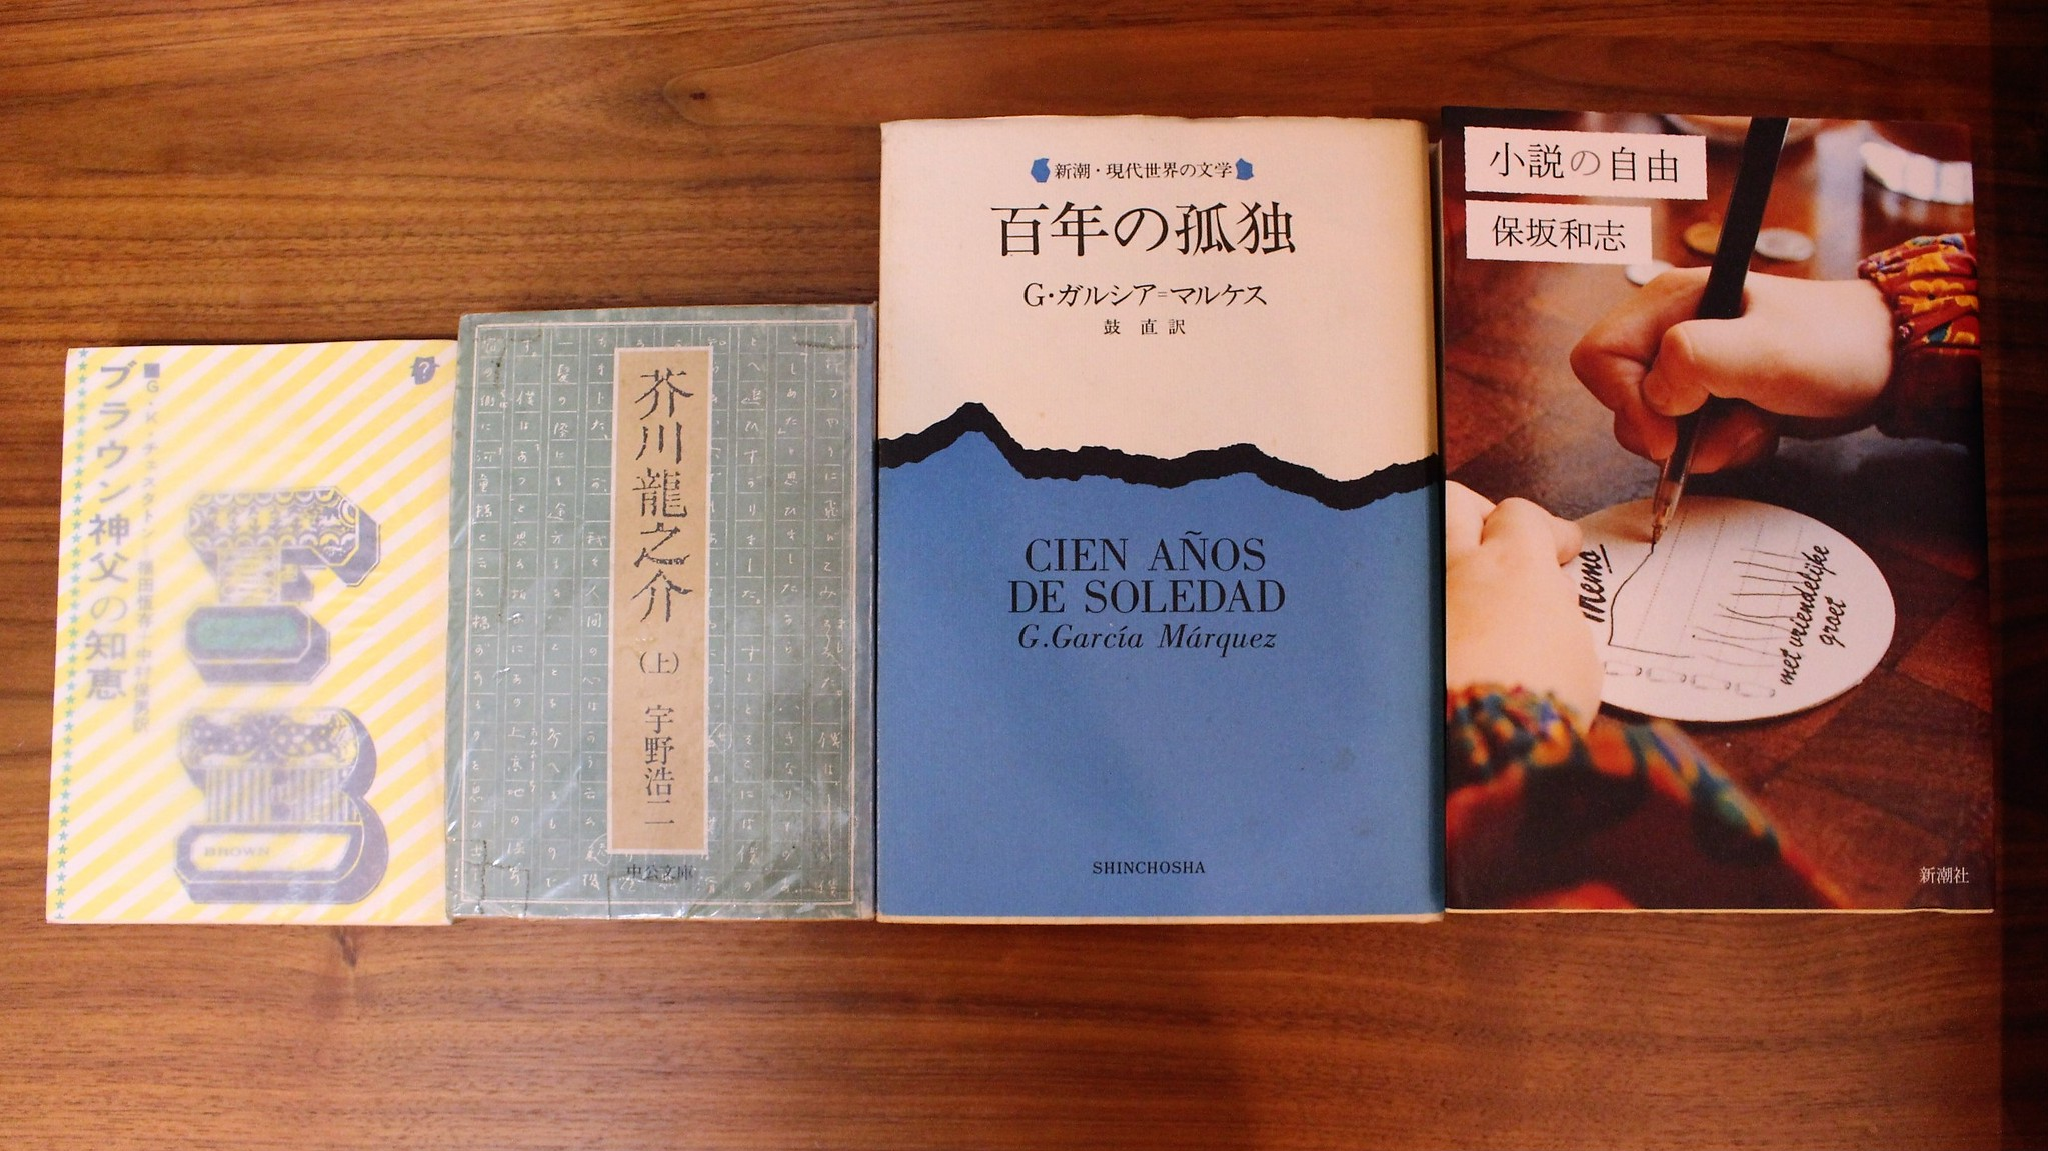 2017.8.16 京都下鴨神社境内での古書市で仕入れを行いました